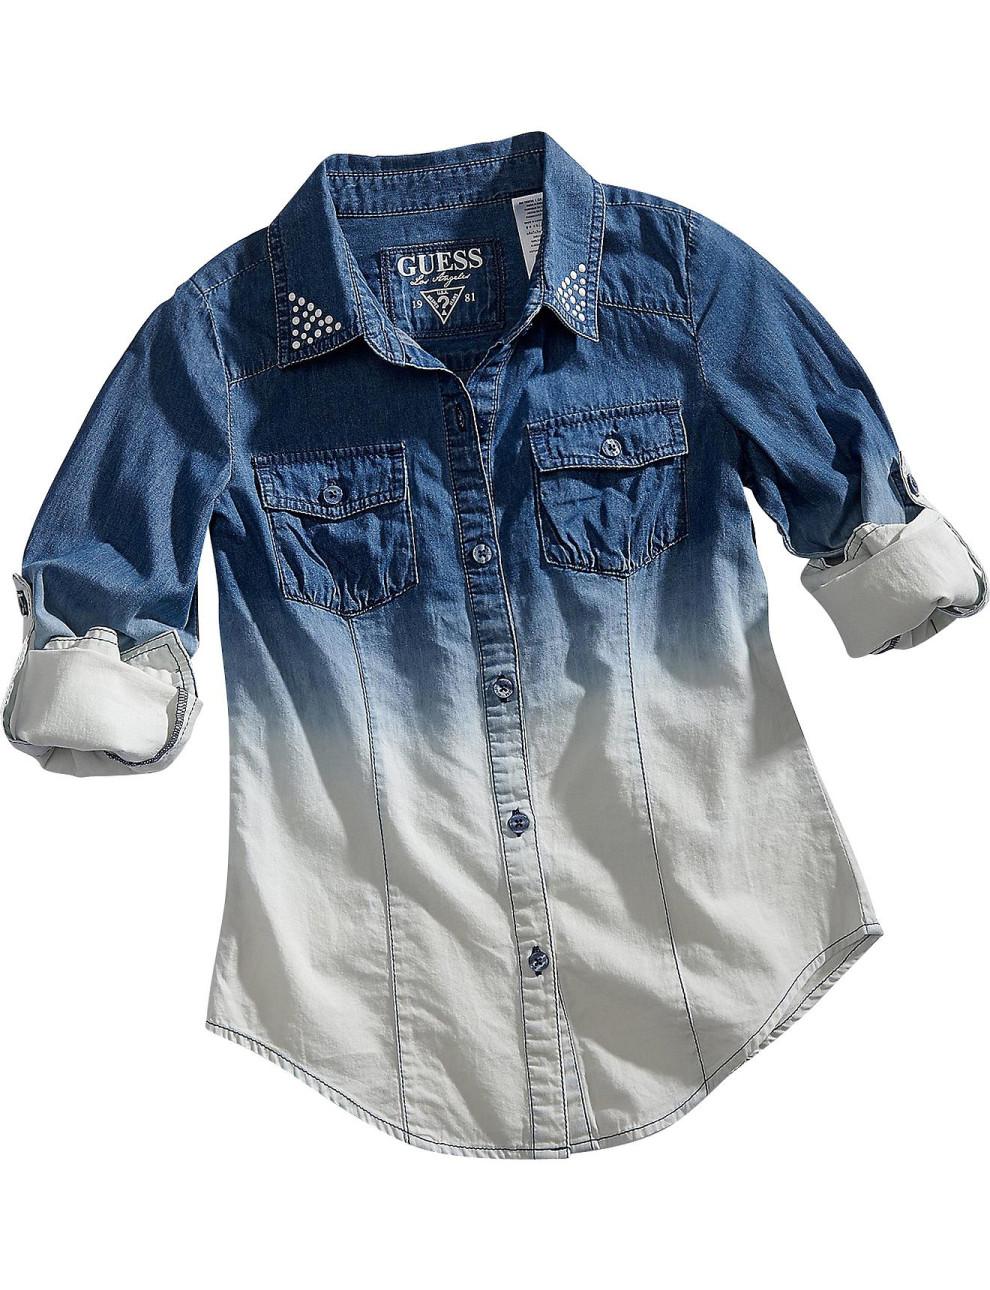 97f767cc4 6 melhores marcas internacionais para roupas infantis